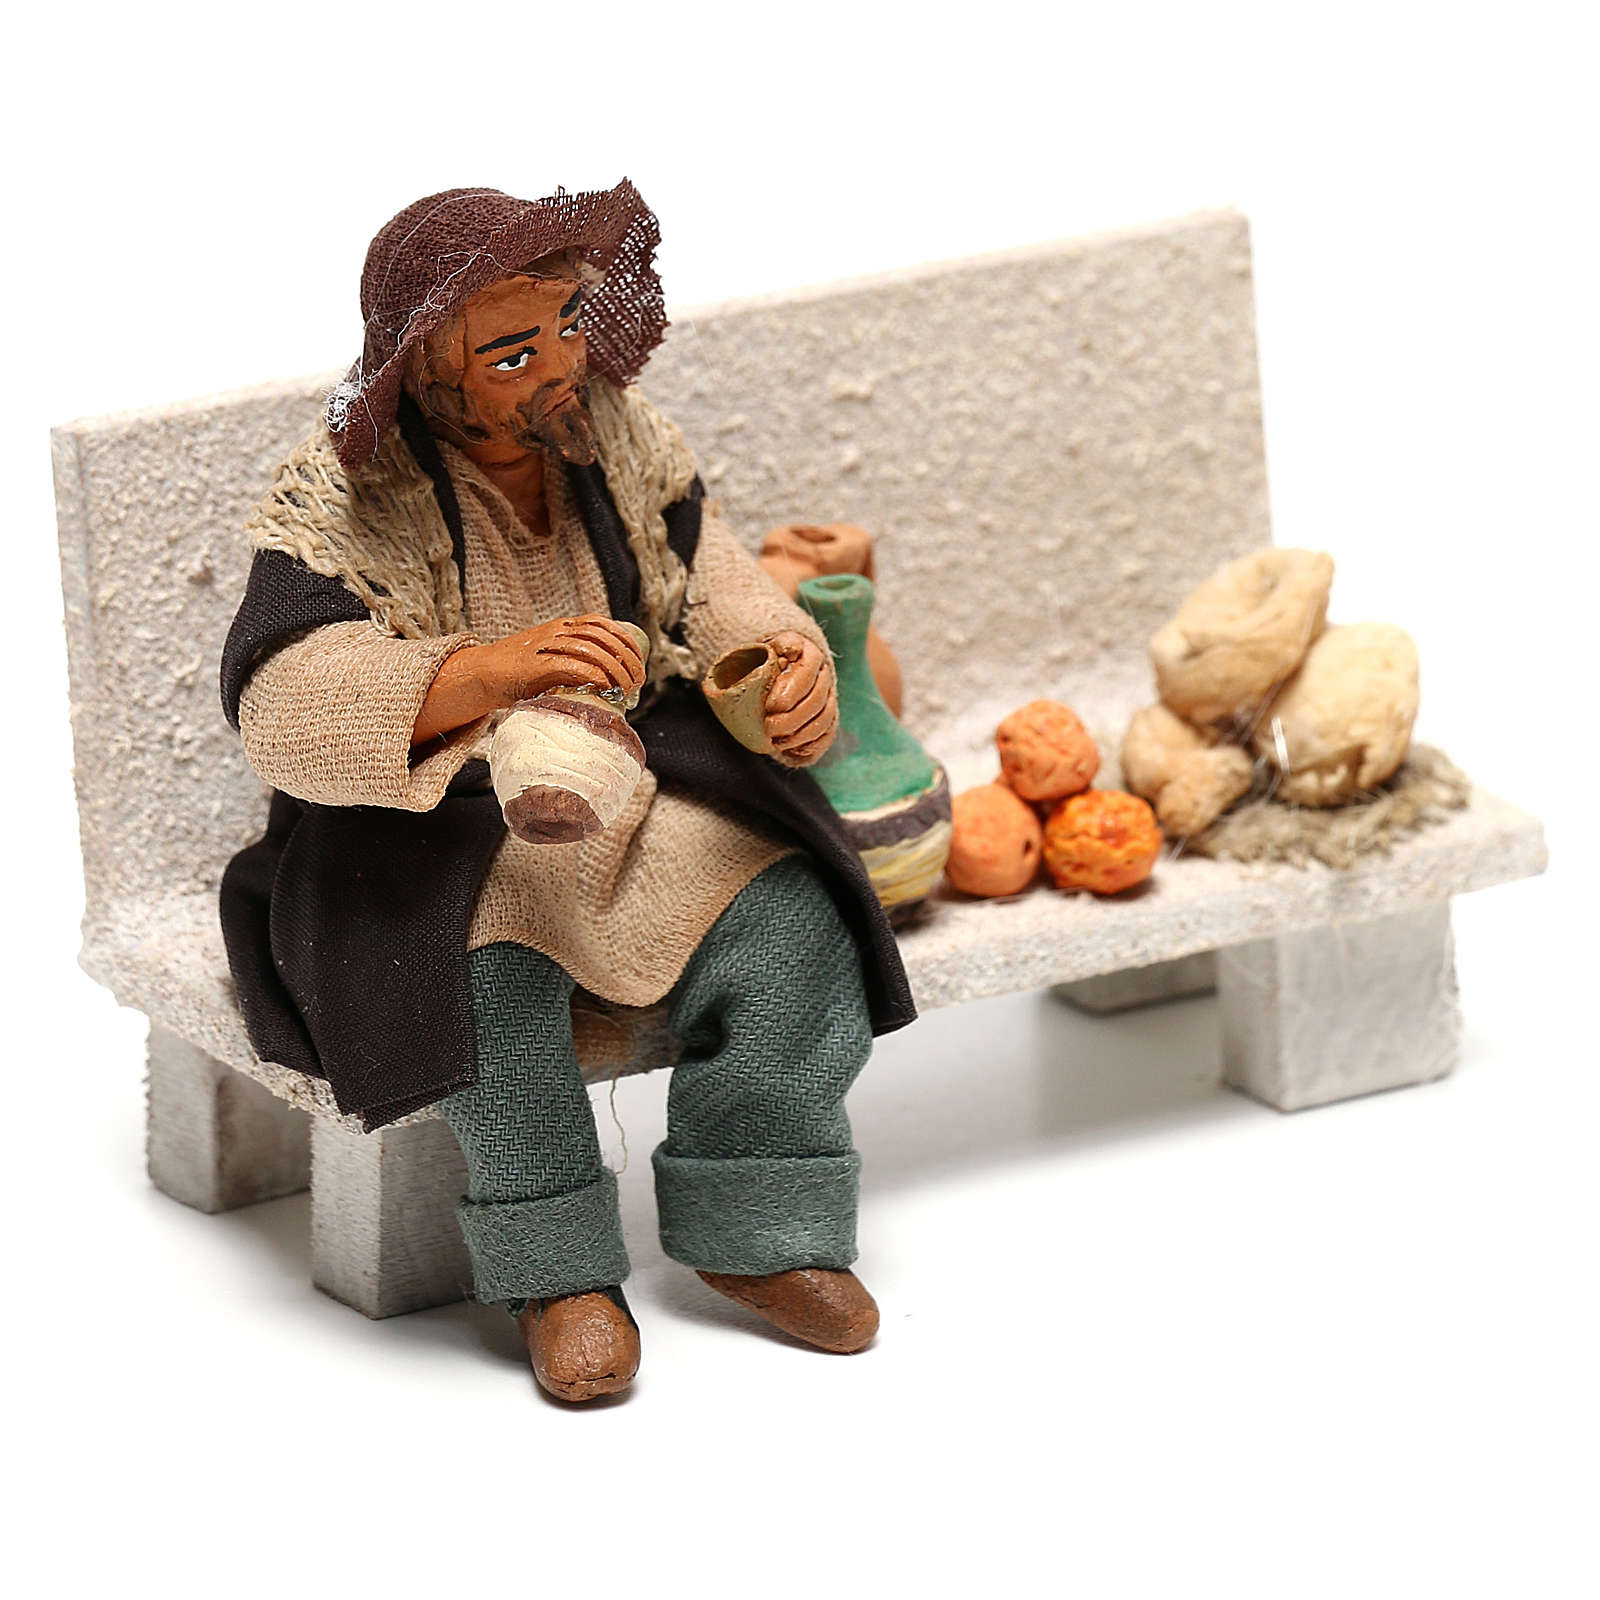 Neapolitan Nativity figurine, beggar, 10 cm 4